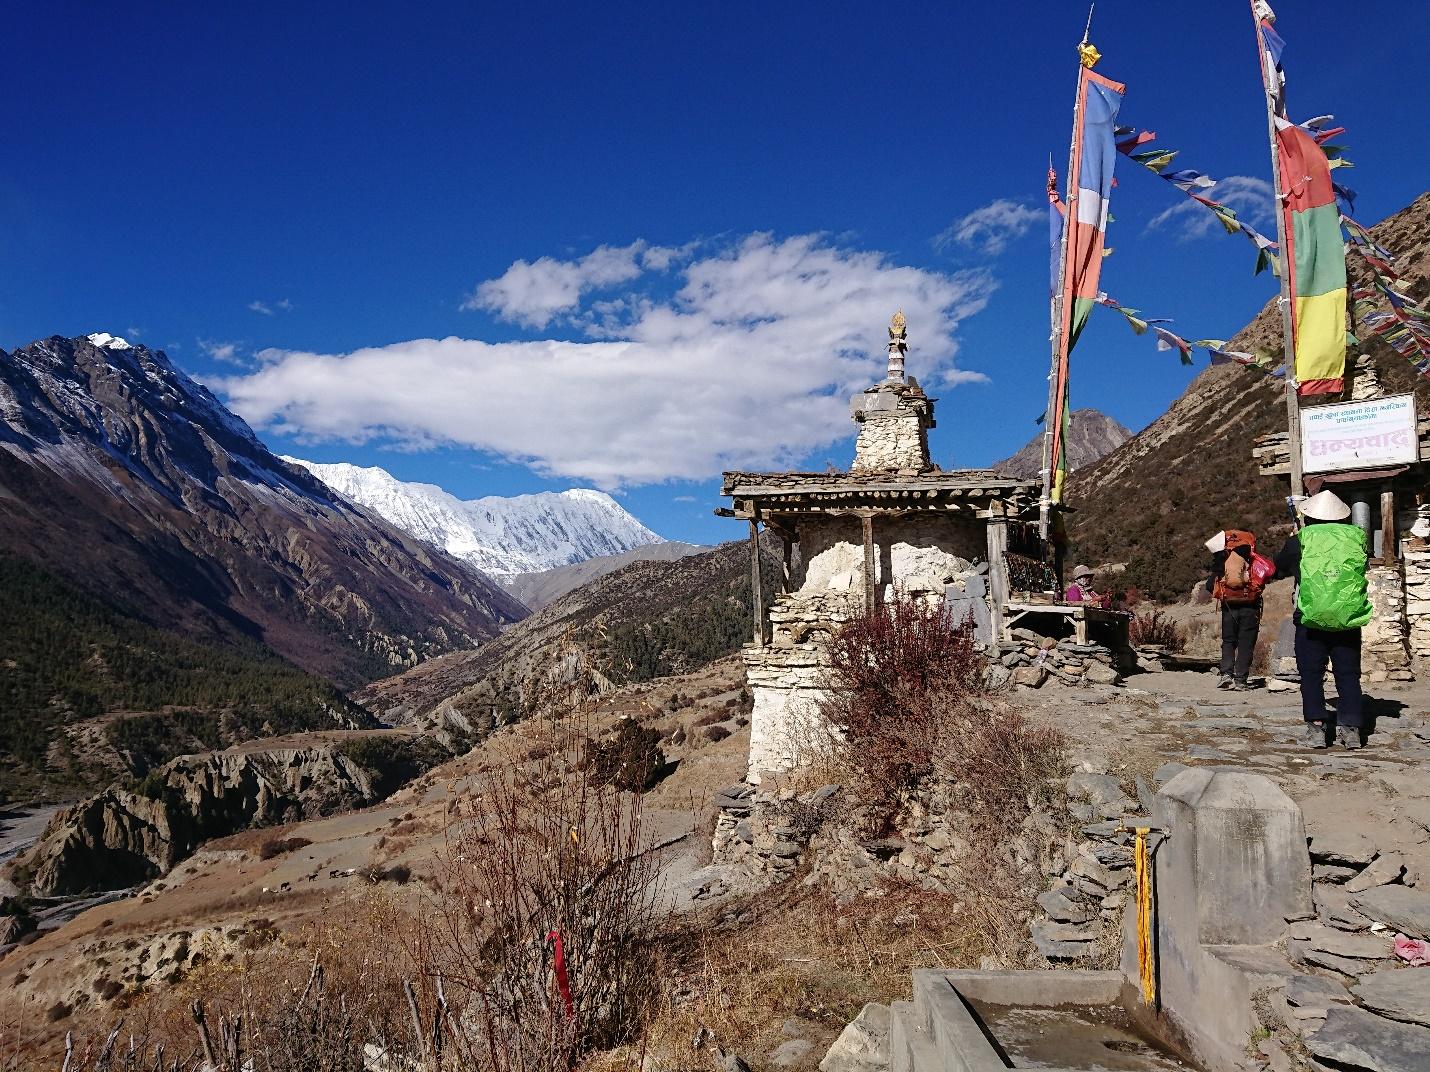 Tới Nepal, gửi lời nguyện cầu theo những lá cờ Lungta bay phấp phới - 2